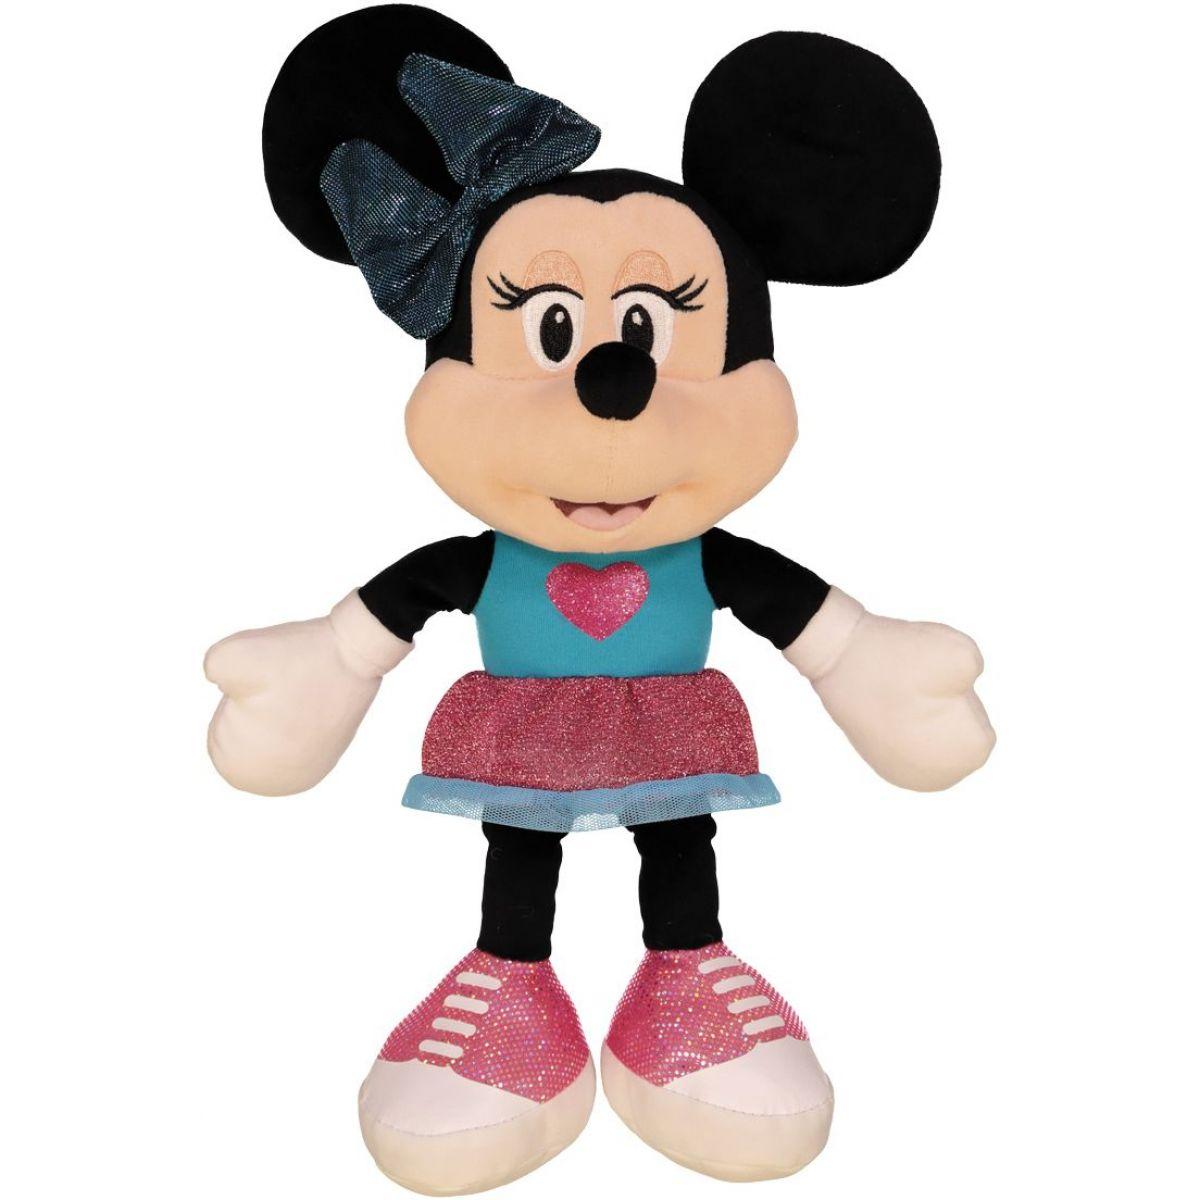 Dino Disney Minnie modro-ružové šaty 25 cm plyš